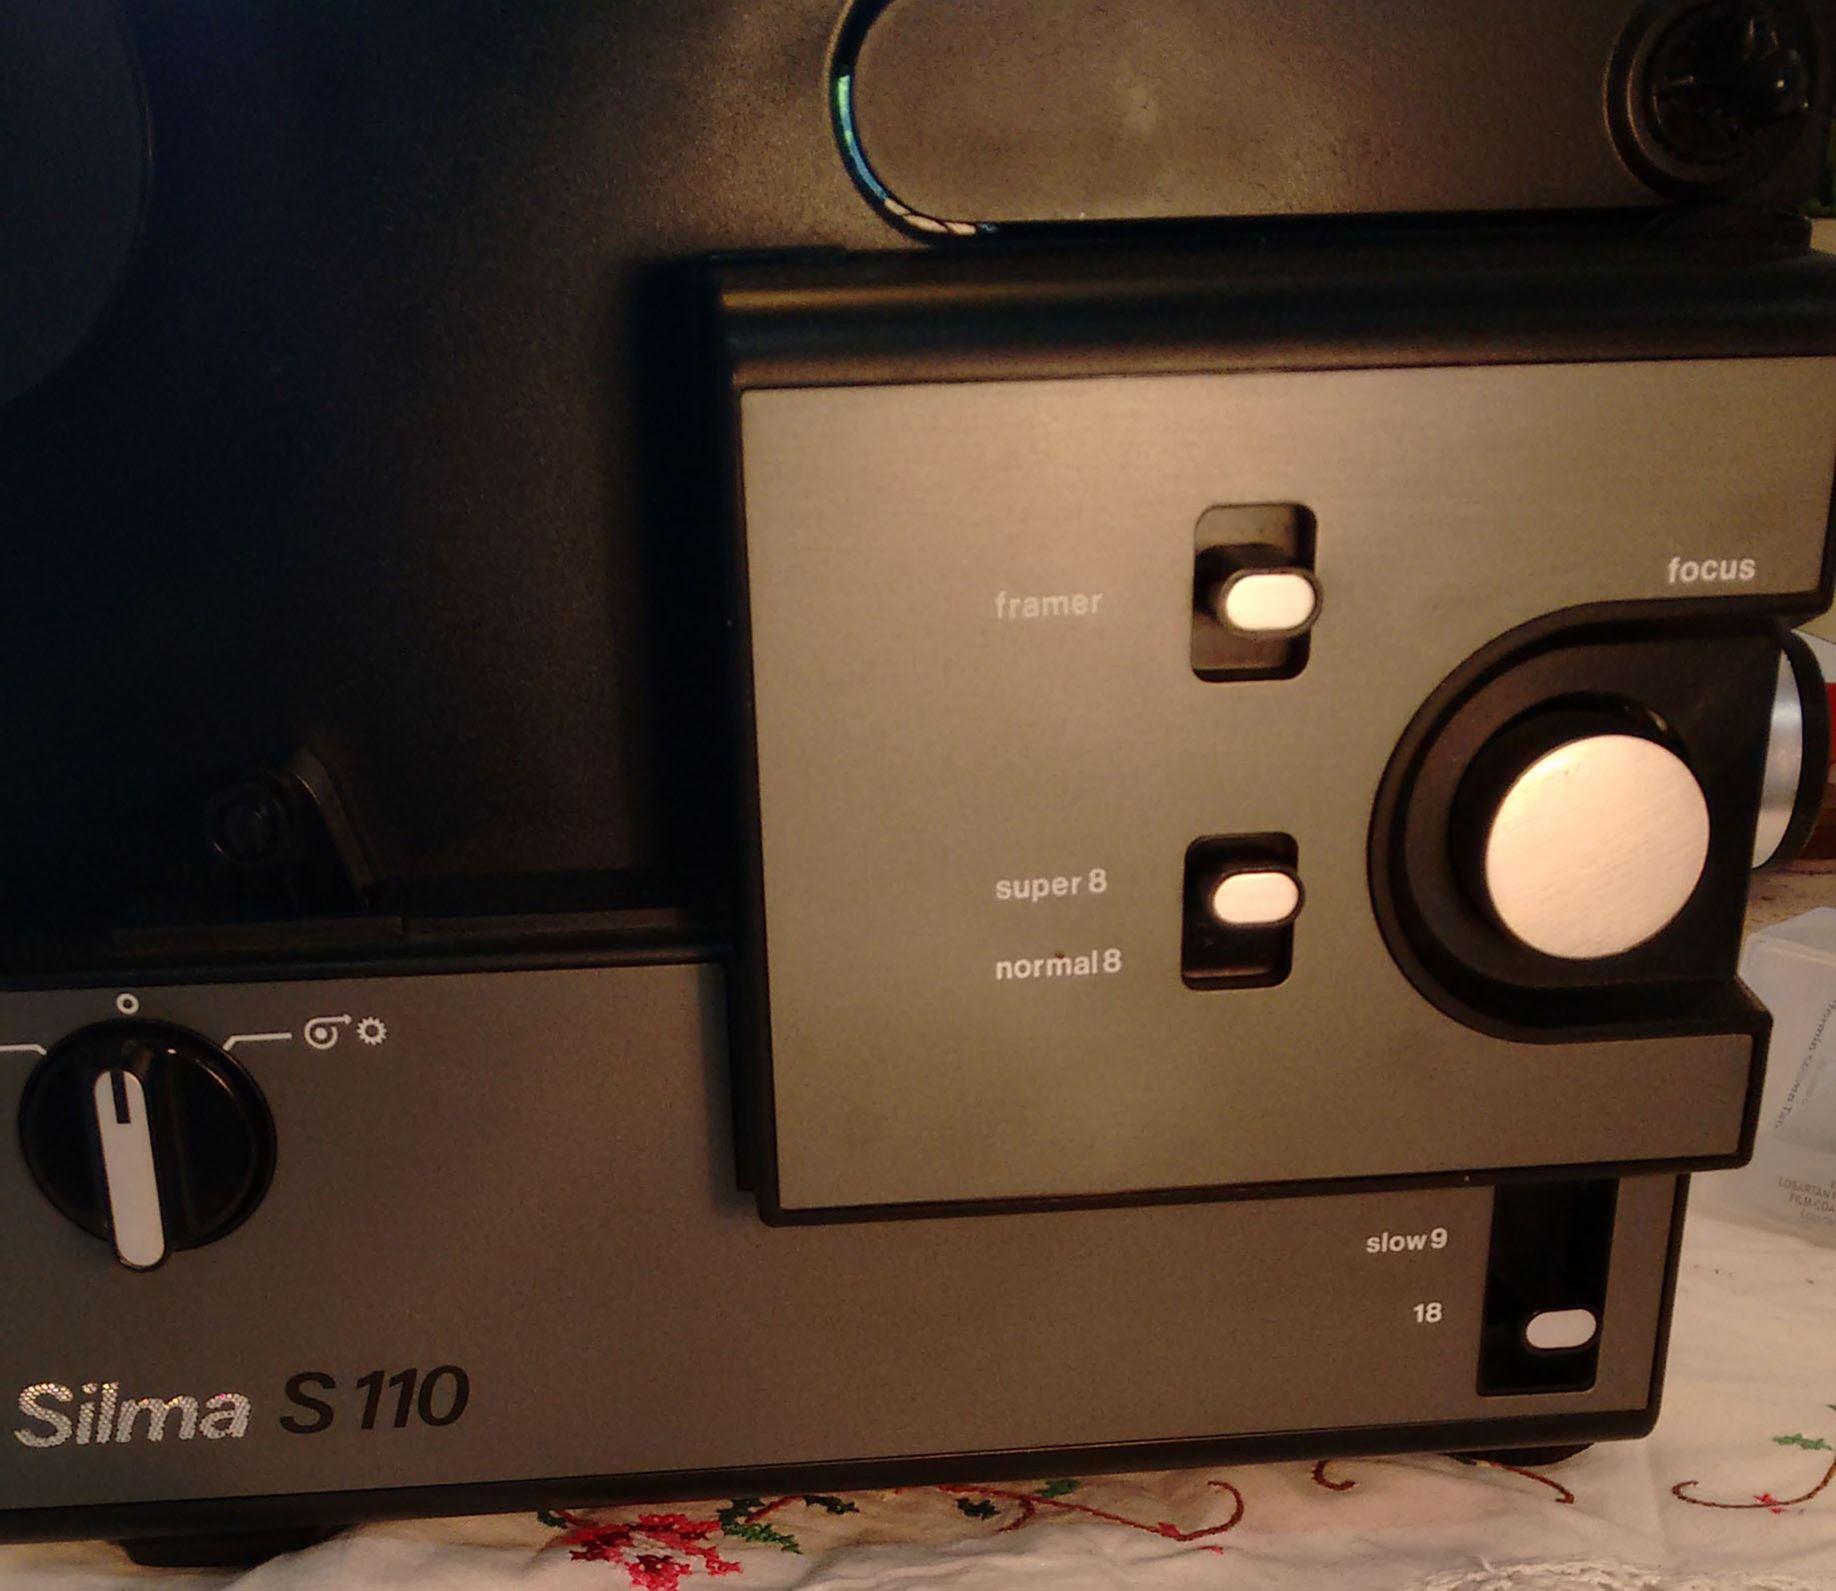 Silma S110